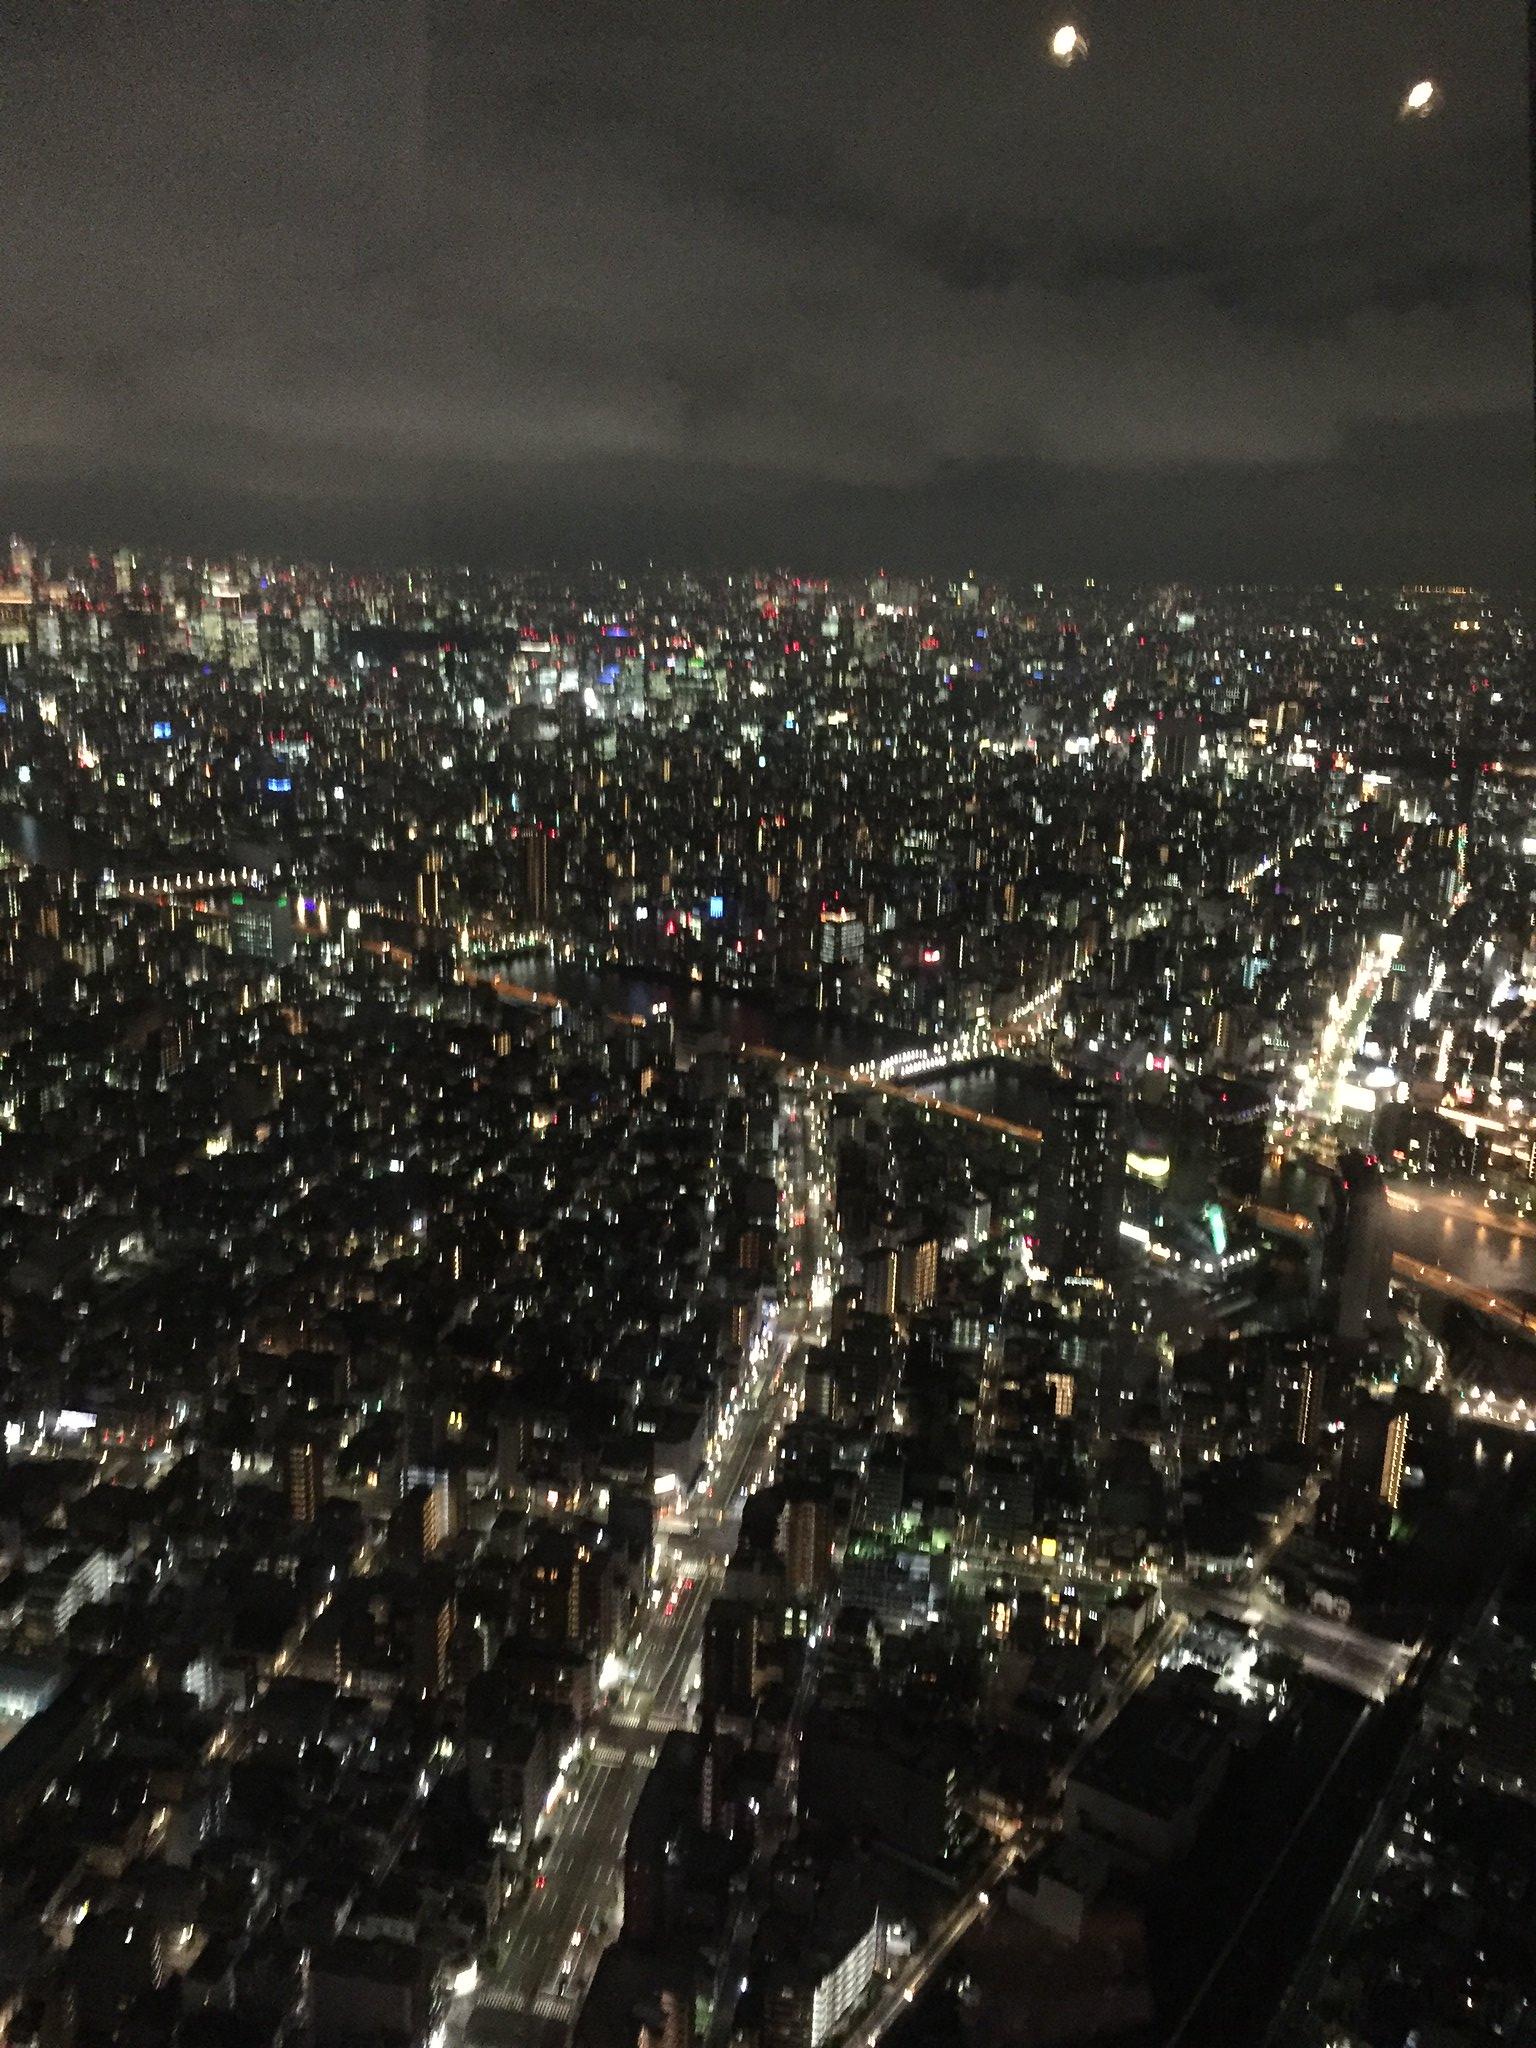 Utsikt från Tokyo Skytree natt